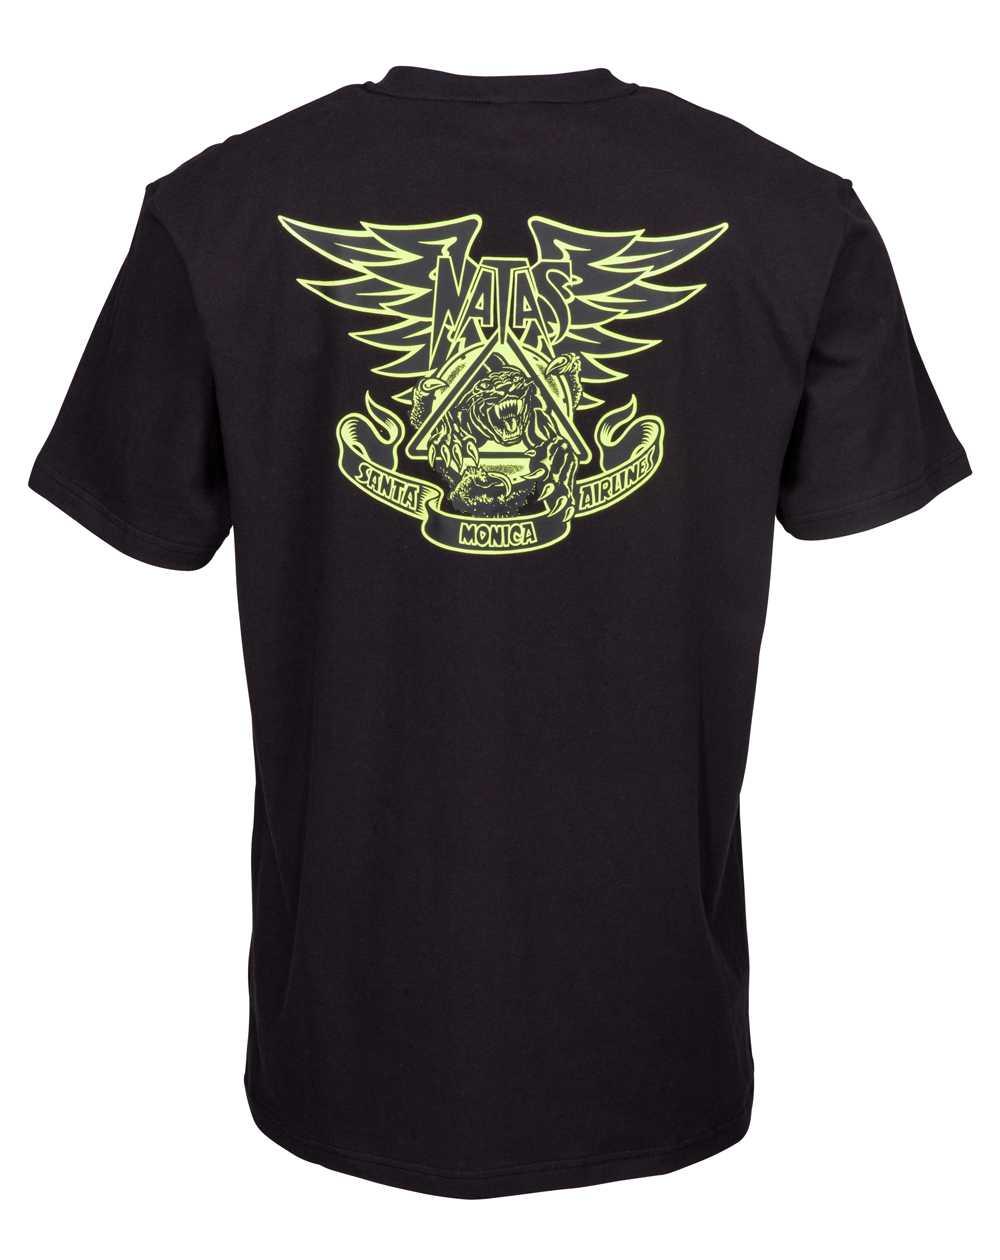 Santa Cruz Natas Panther T-Shirt Uomo Black